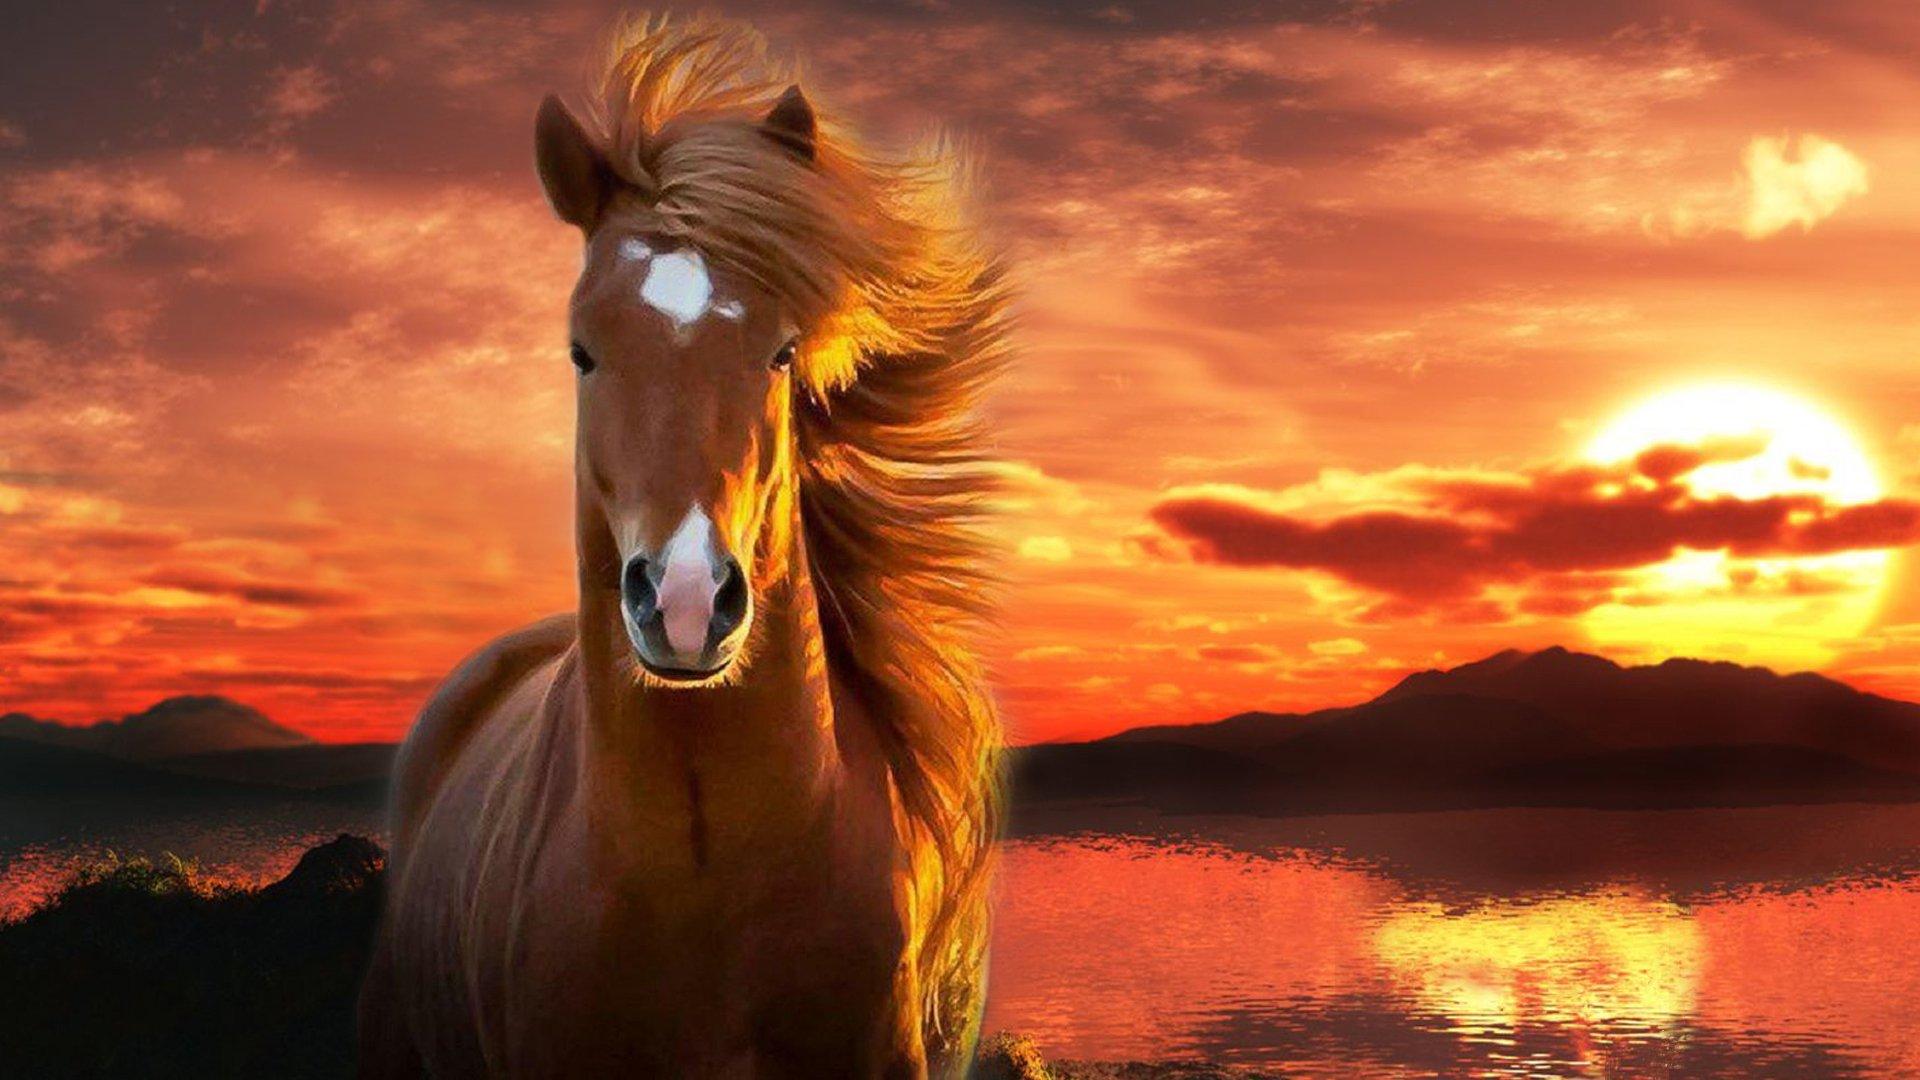 بالصور صور خيول , اجمل واروع خيول العالم 1255 11